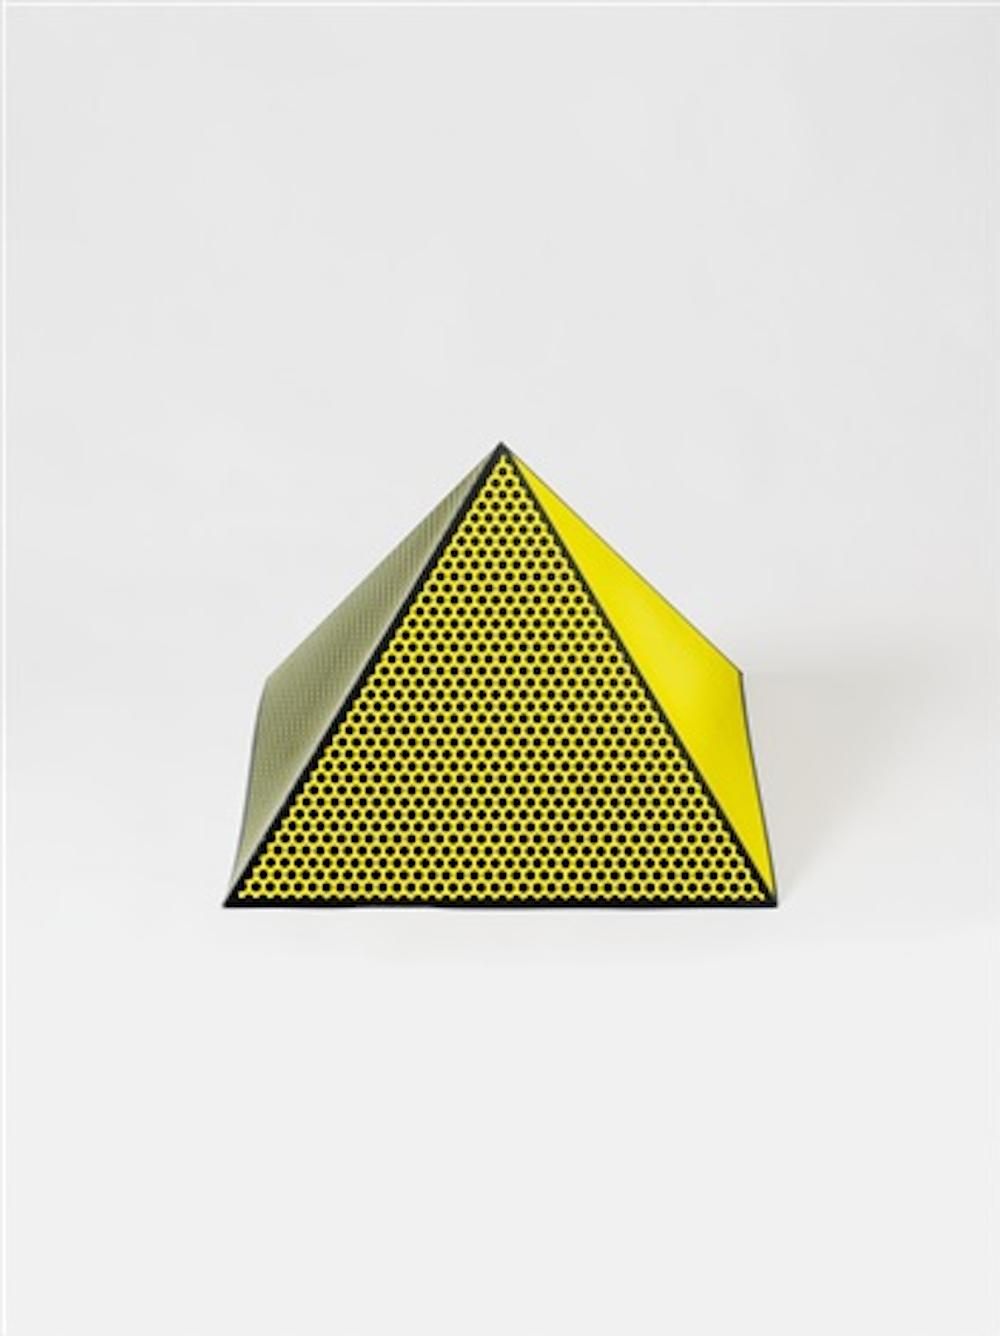 Pyramid by Roy Lichtenstein